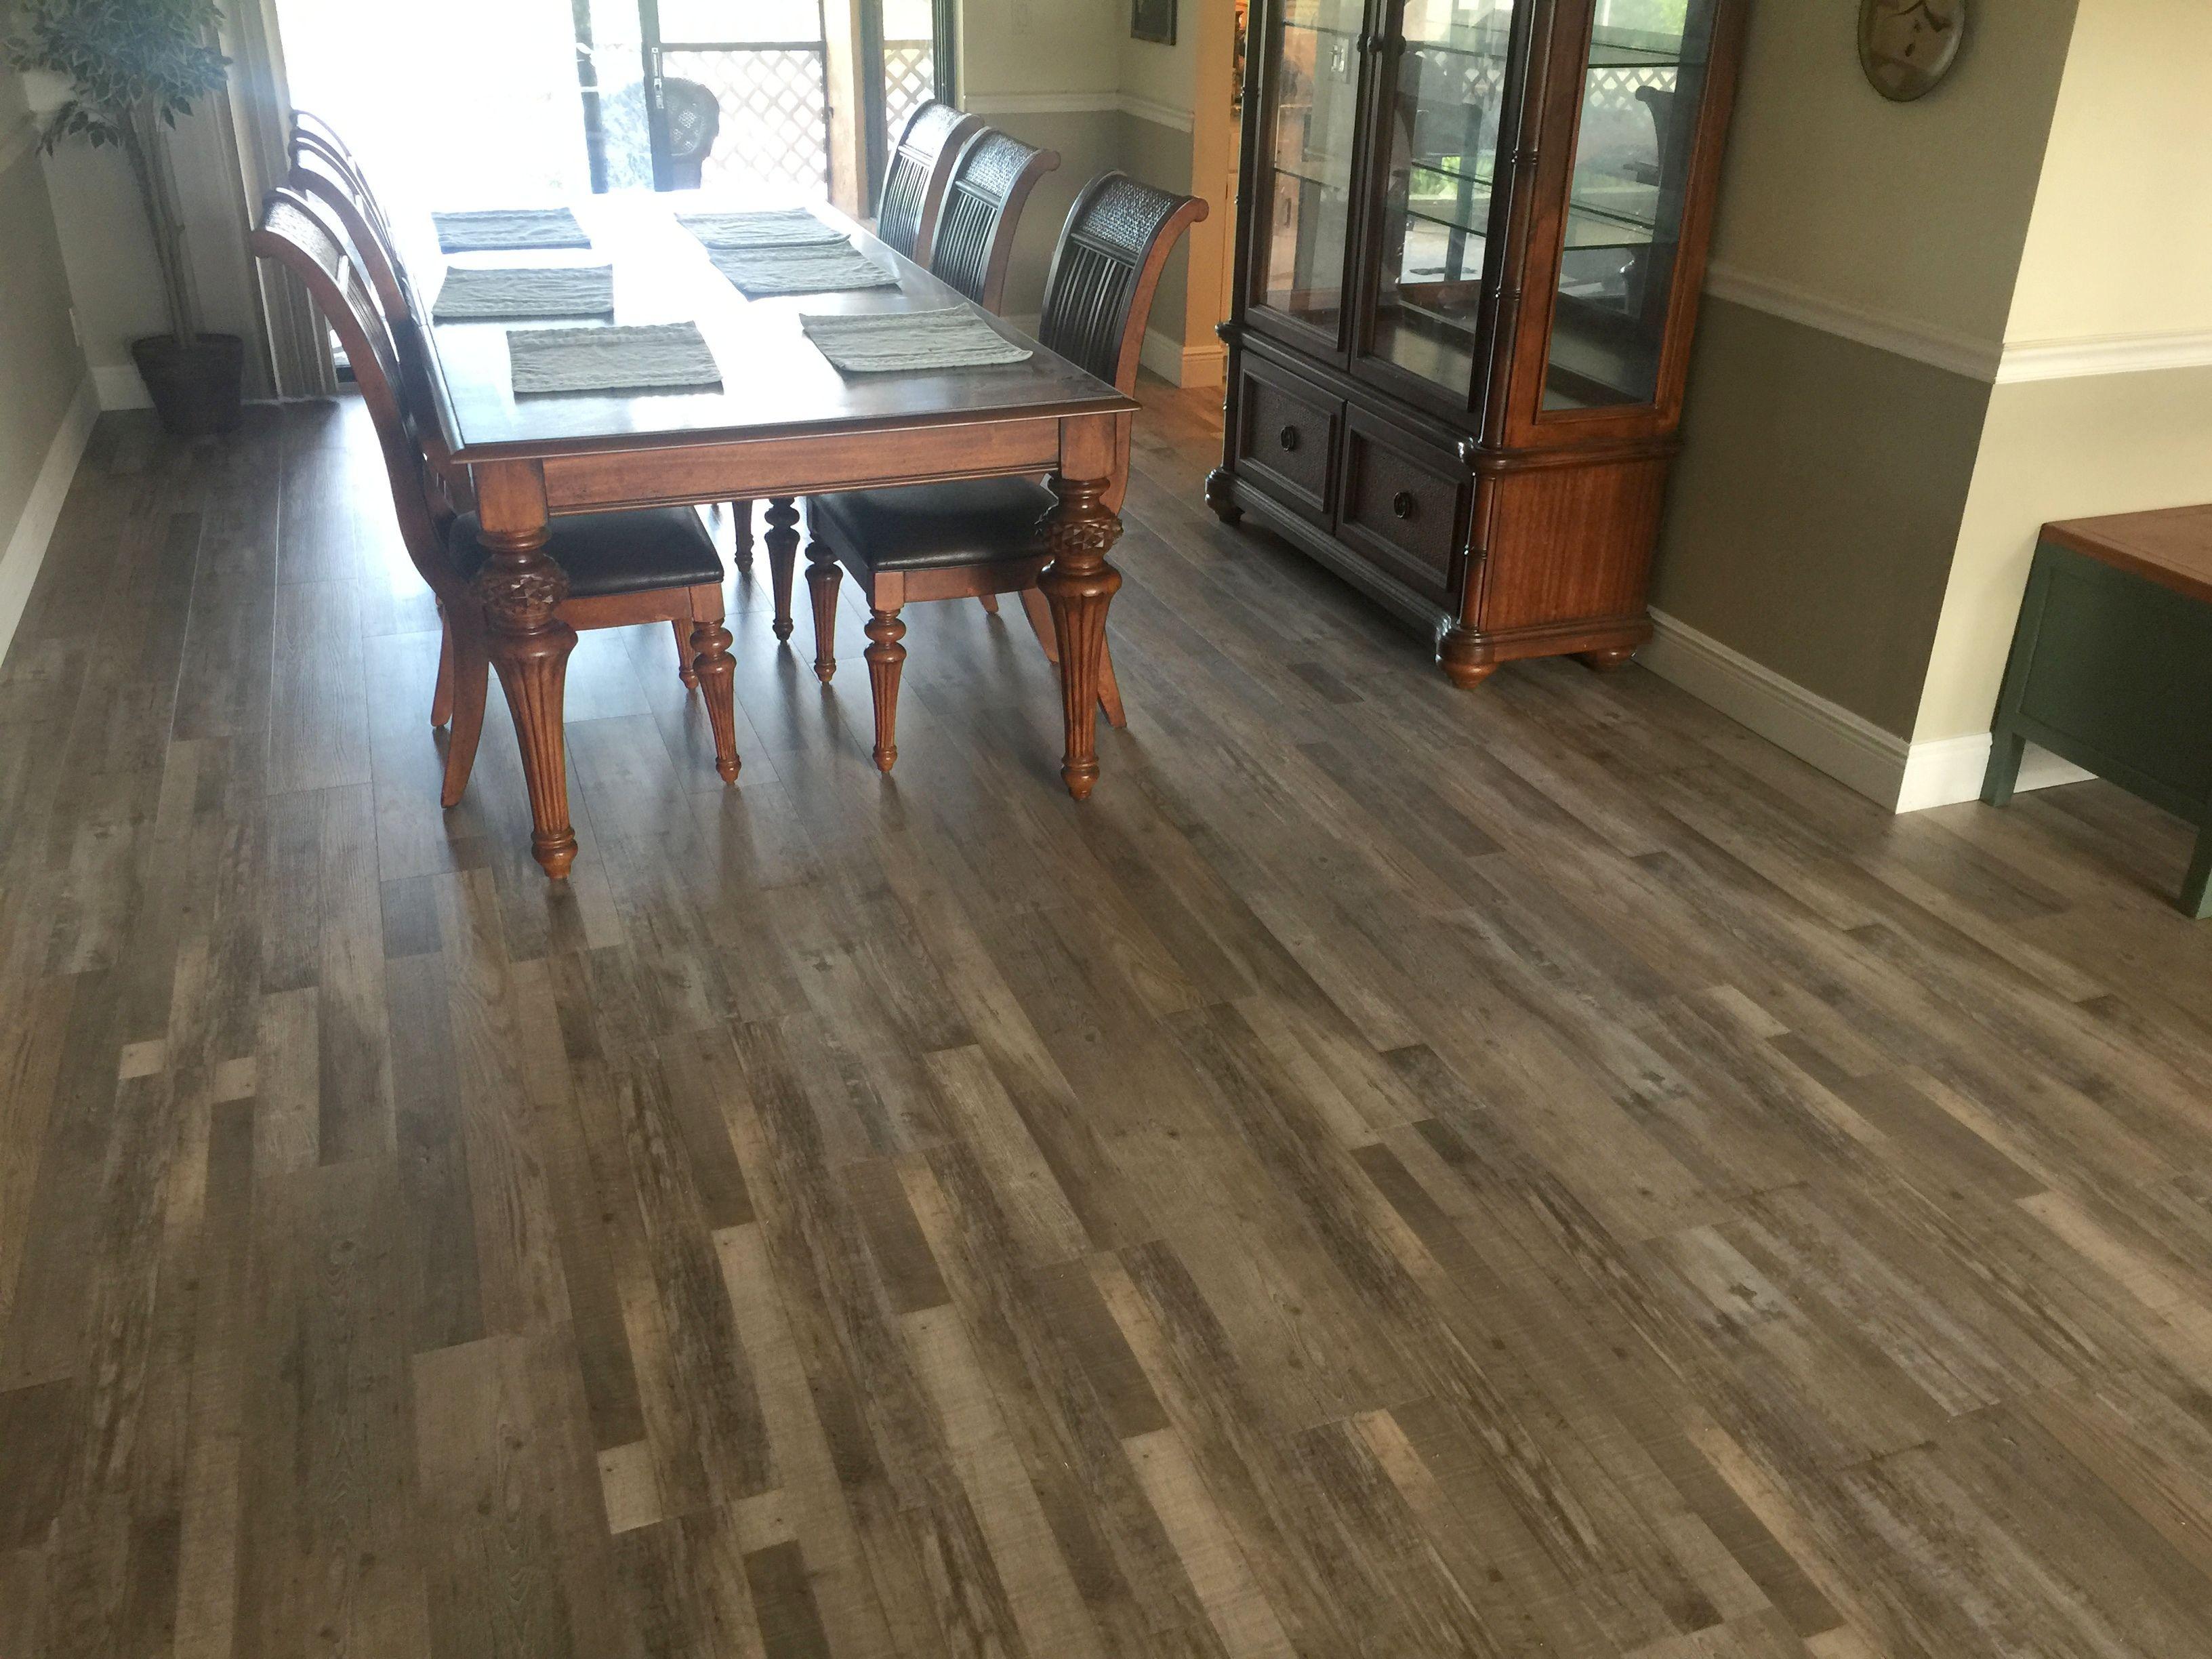 Williamsburg Ash Luxury Waterproof Flooring  Scratch